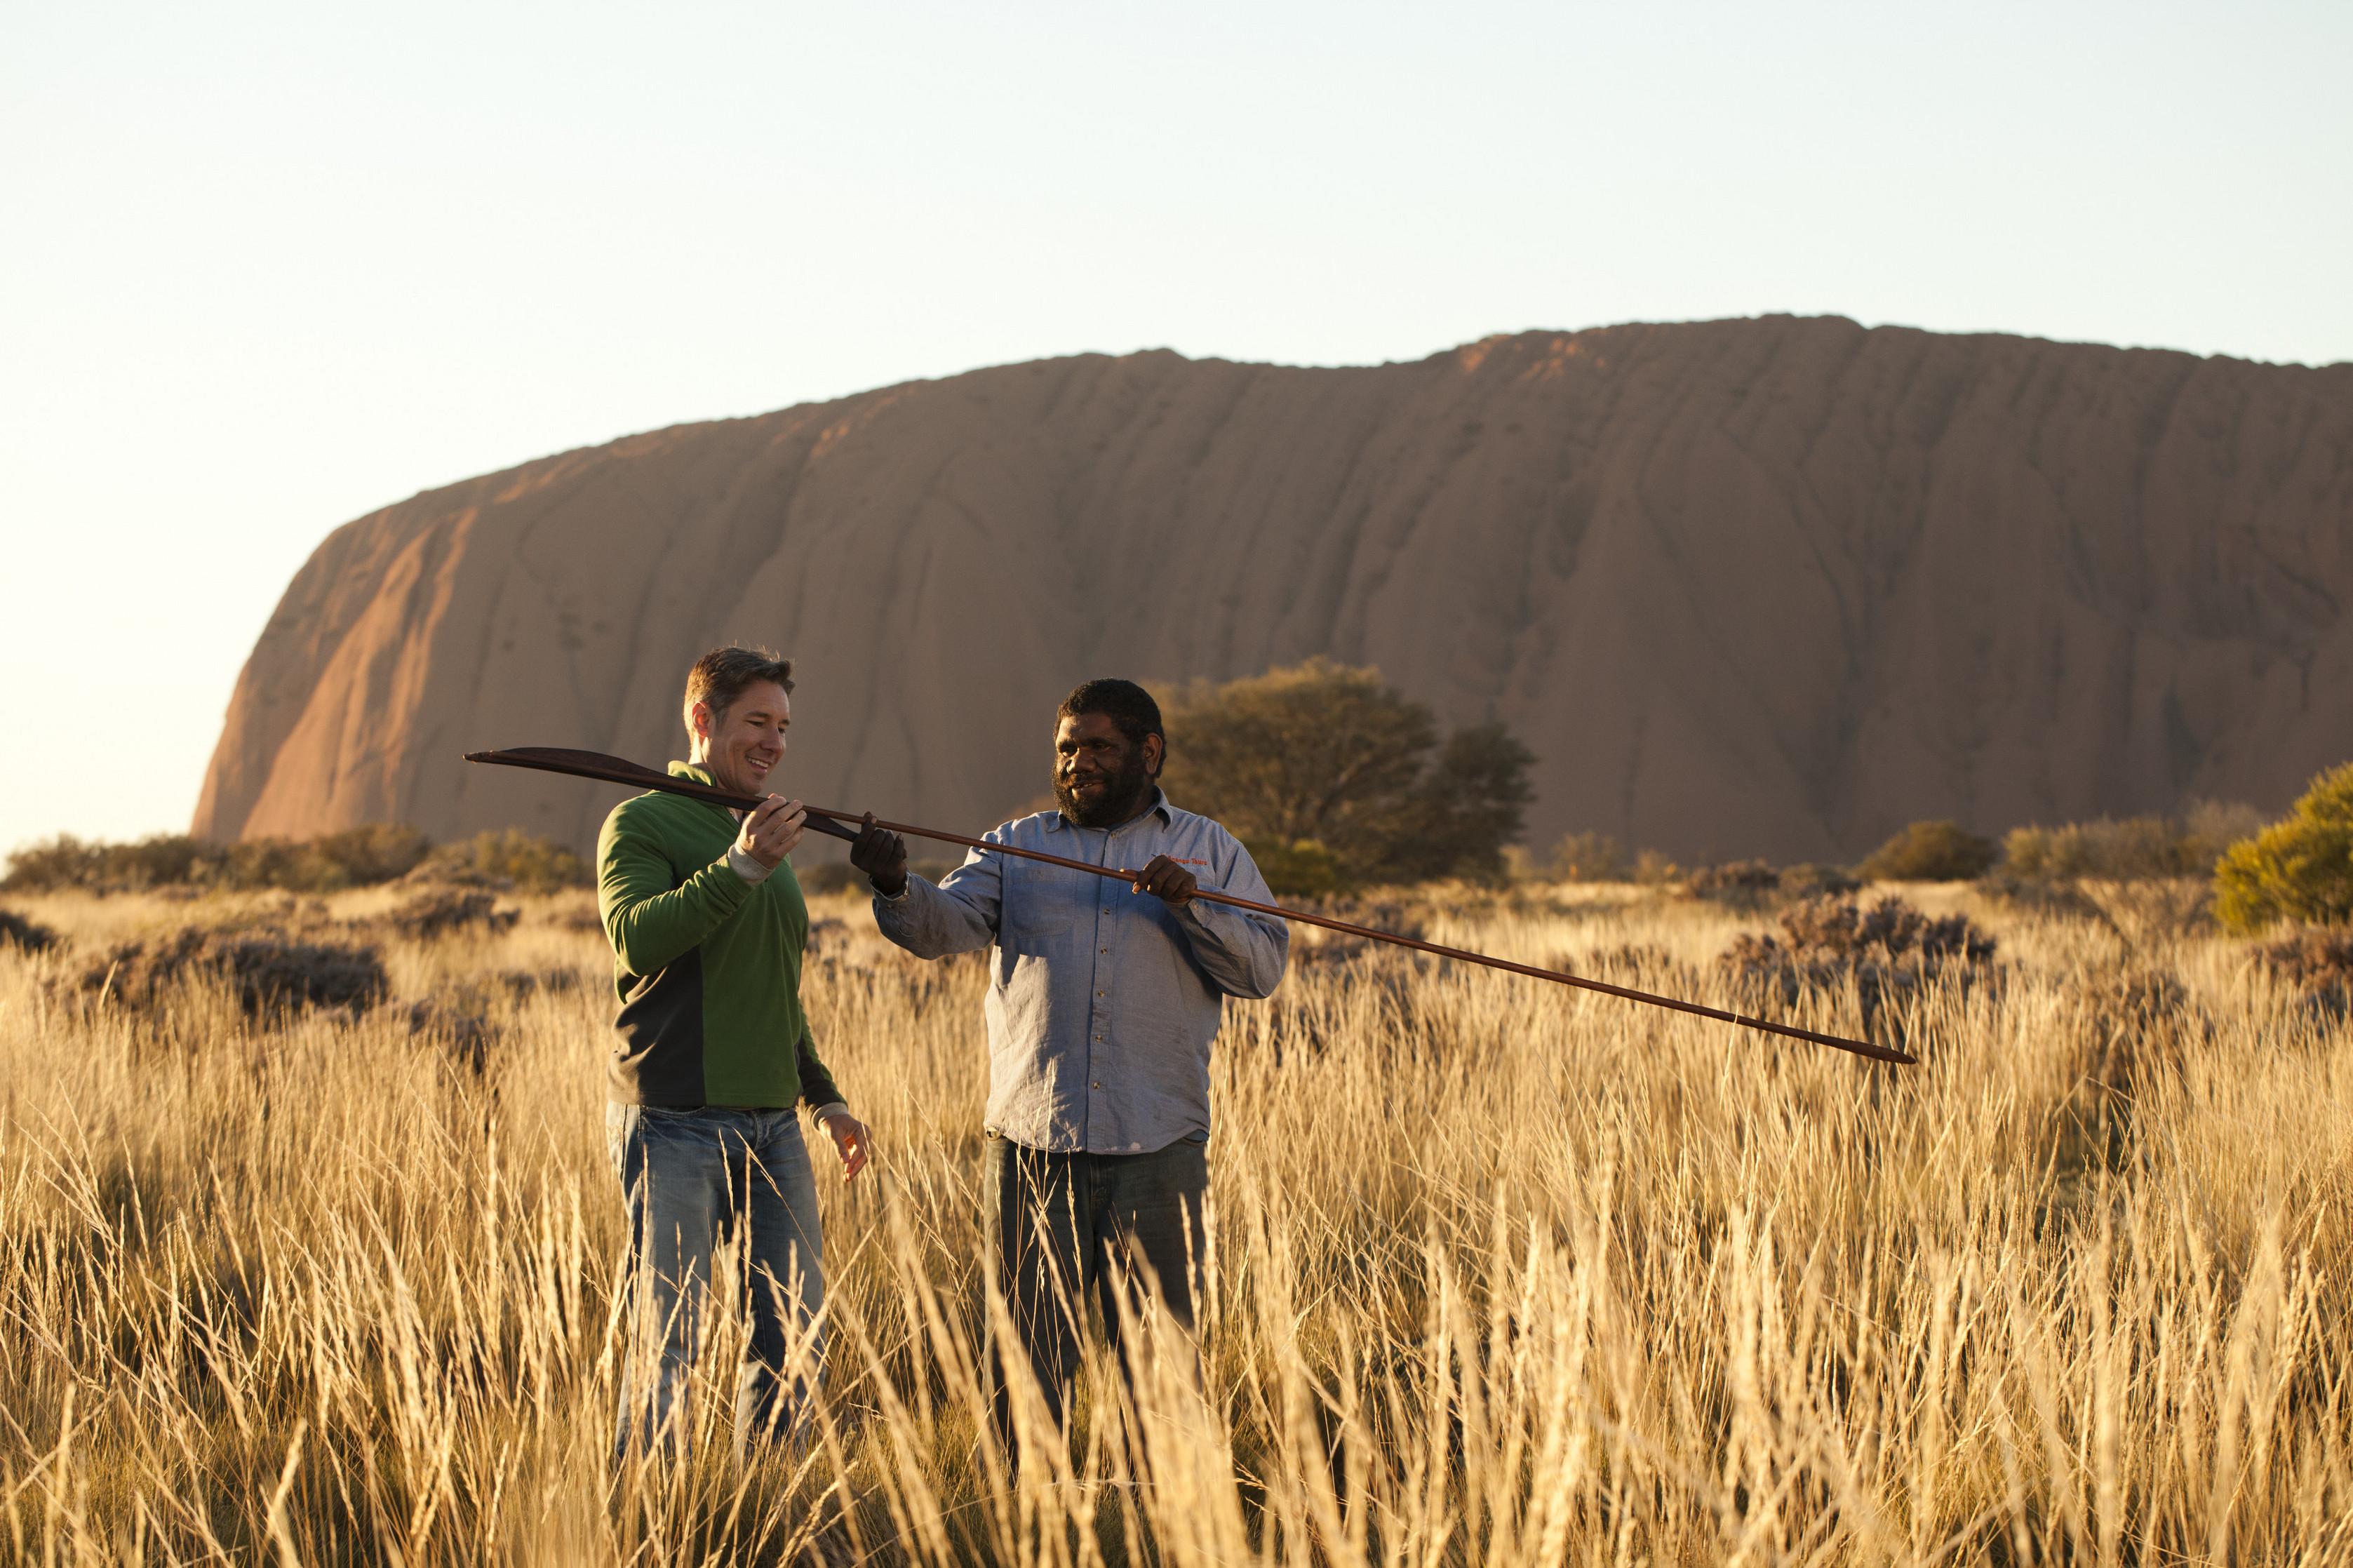 an indigenous man showing a tourist an atlatl